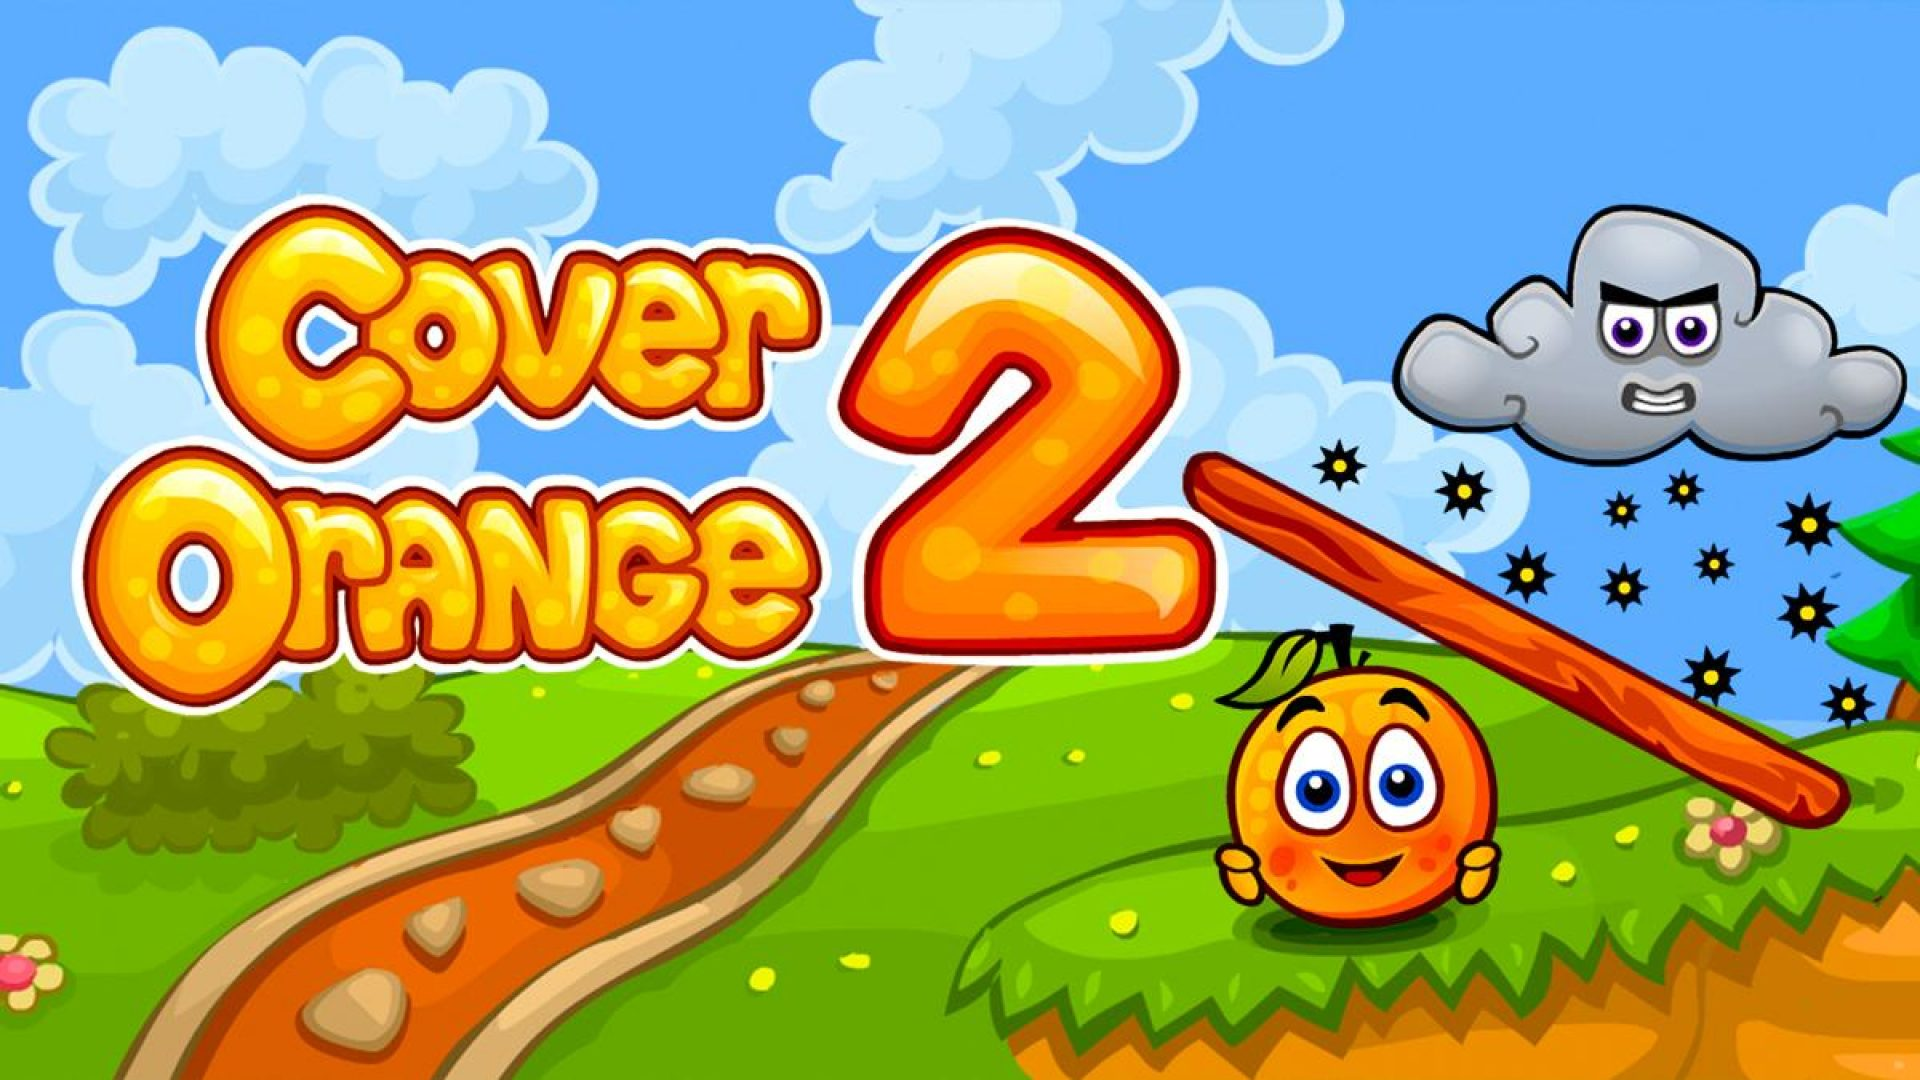 Cover Orange: Journey